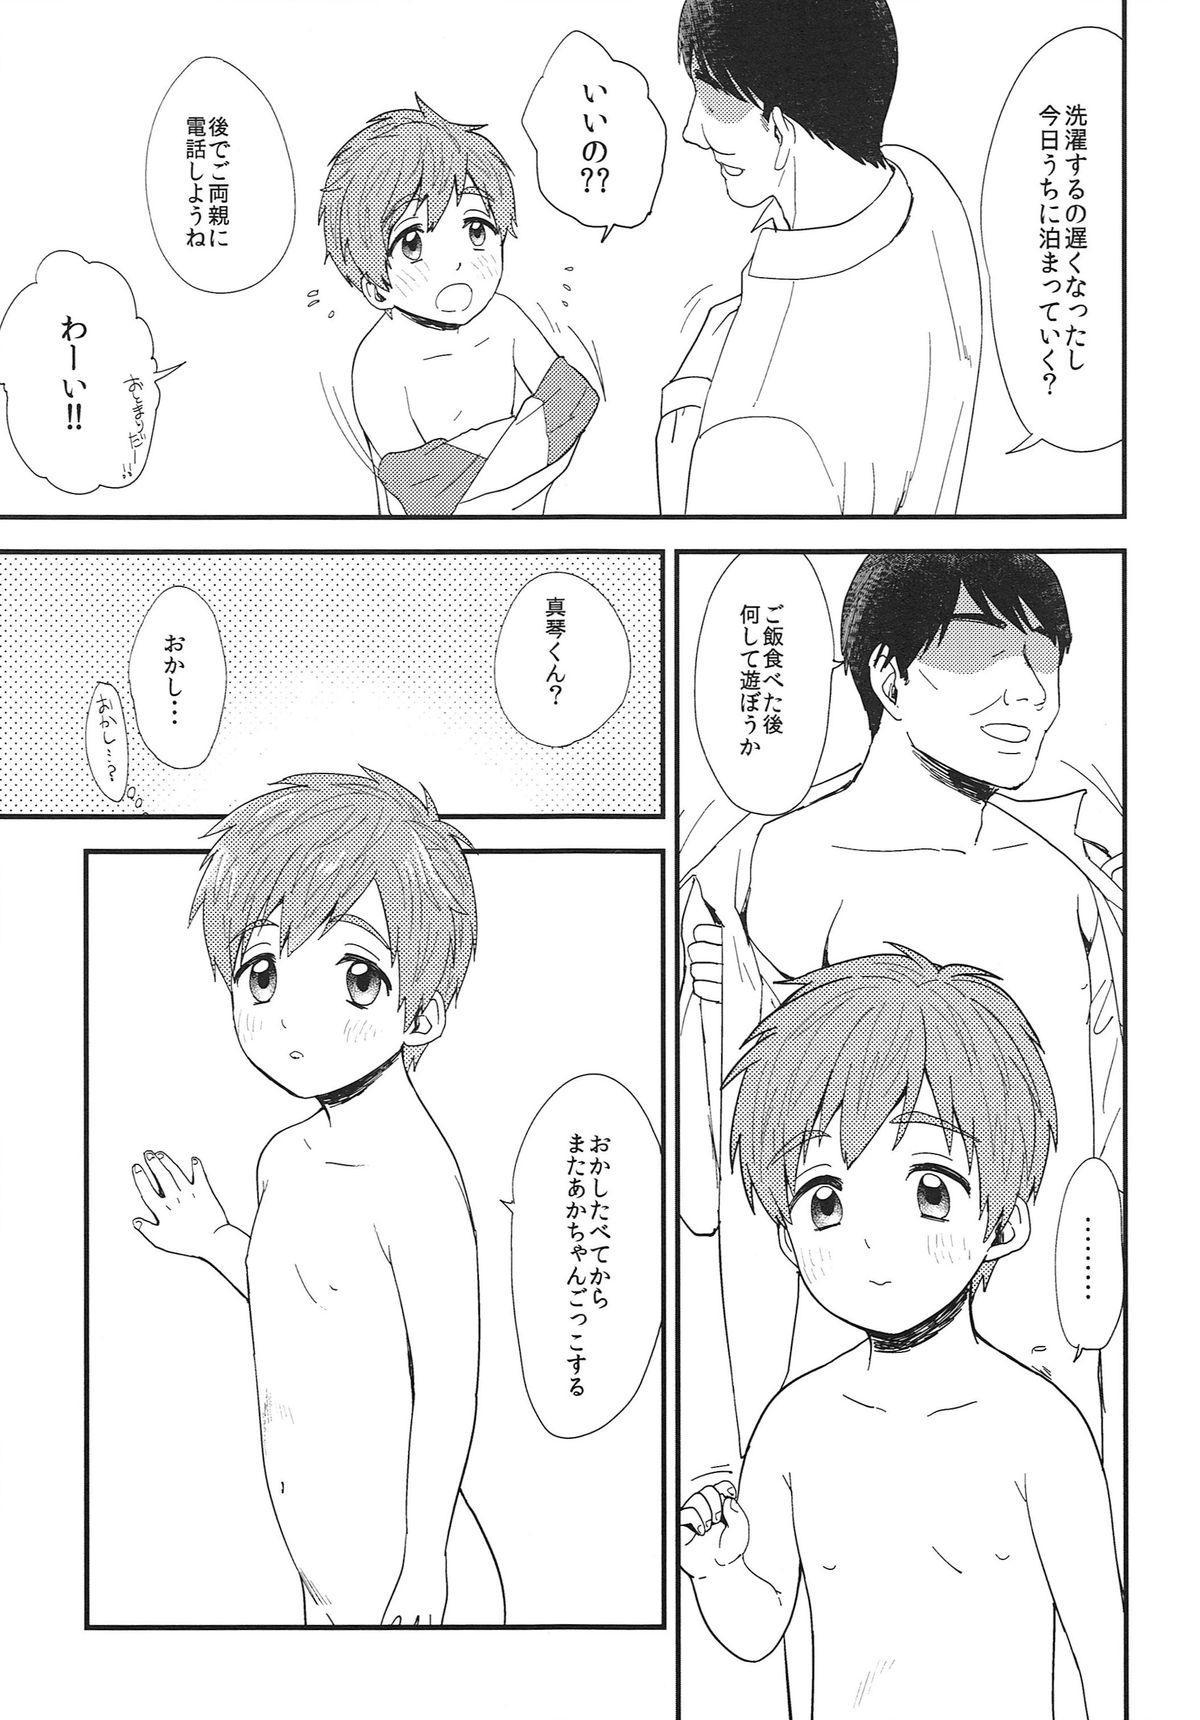 Onii-chan ni Naritakunai Yamai 33